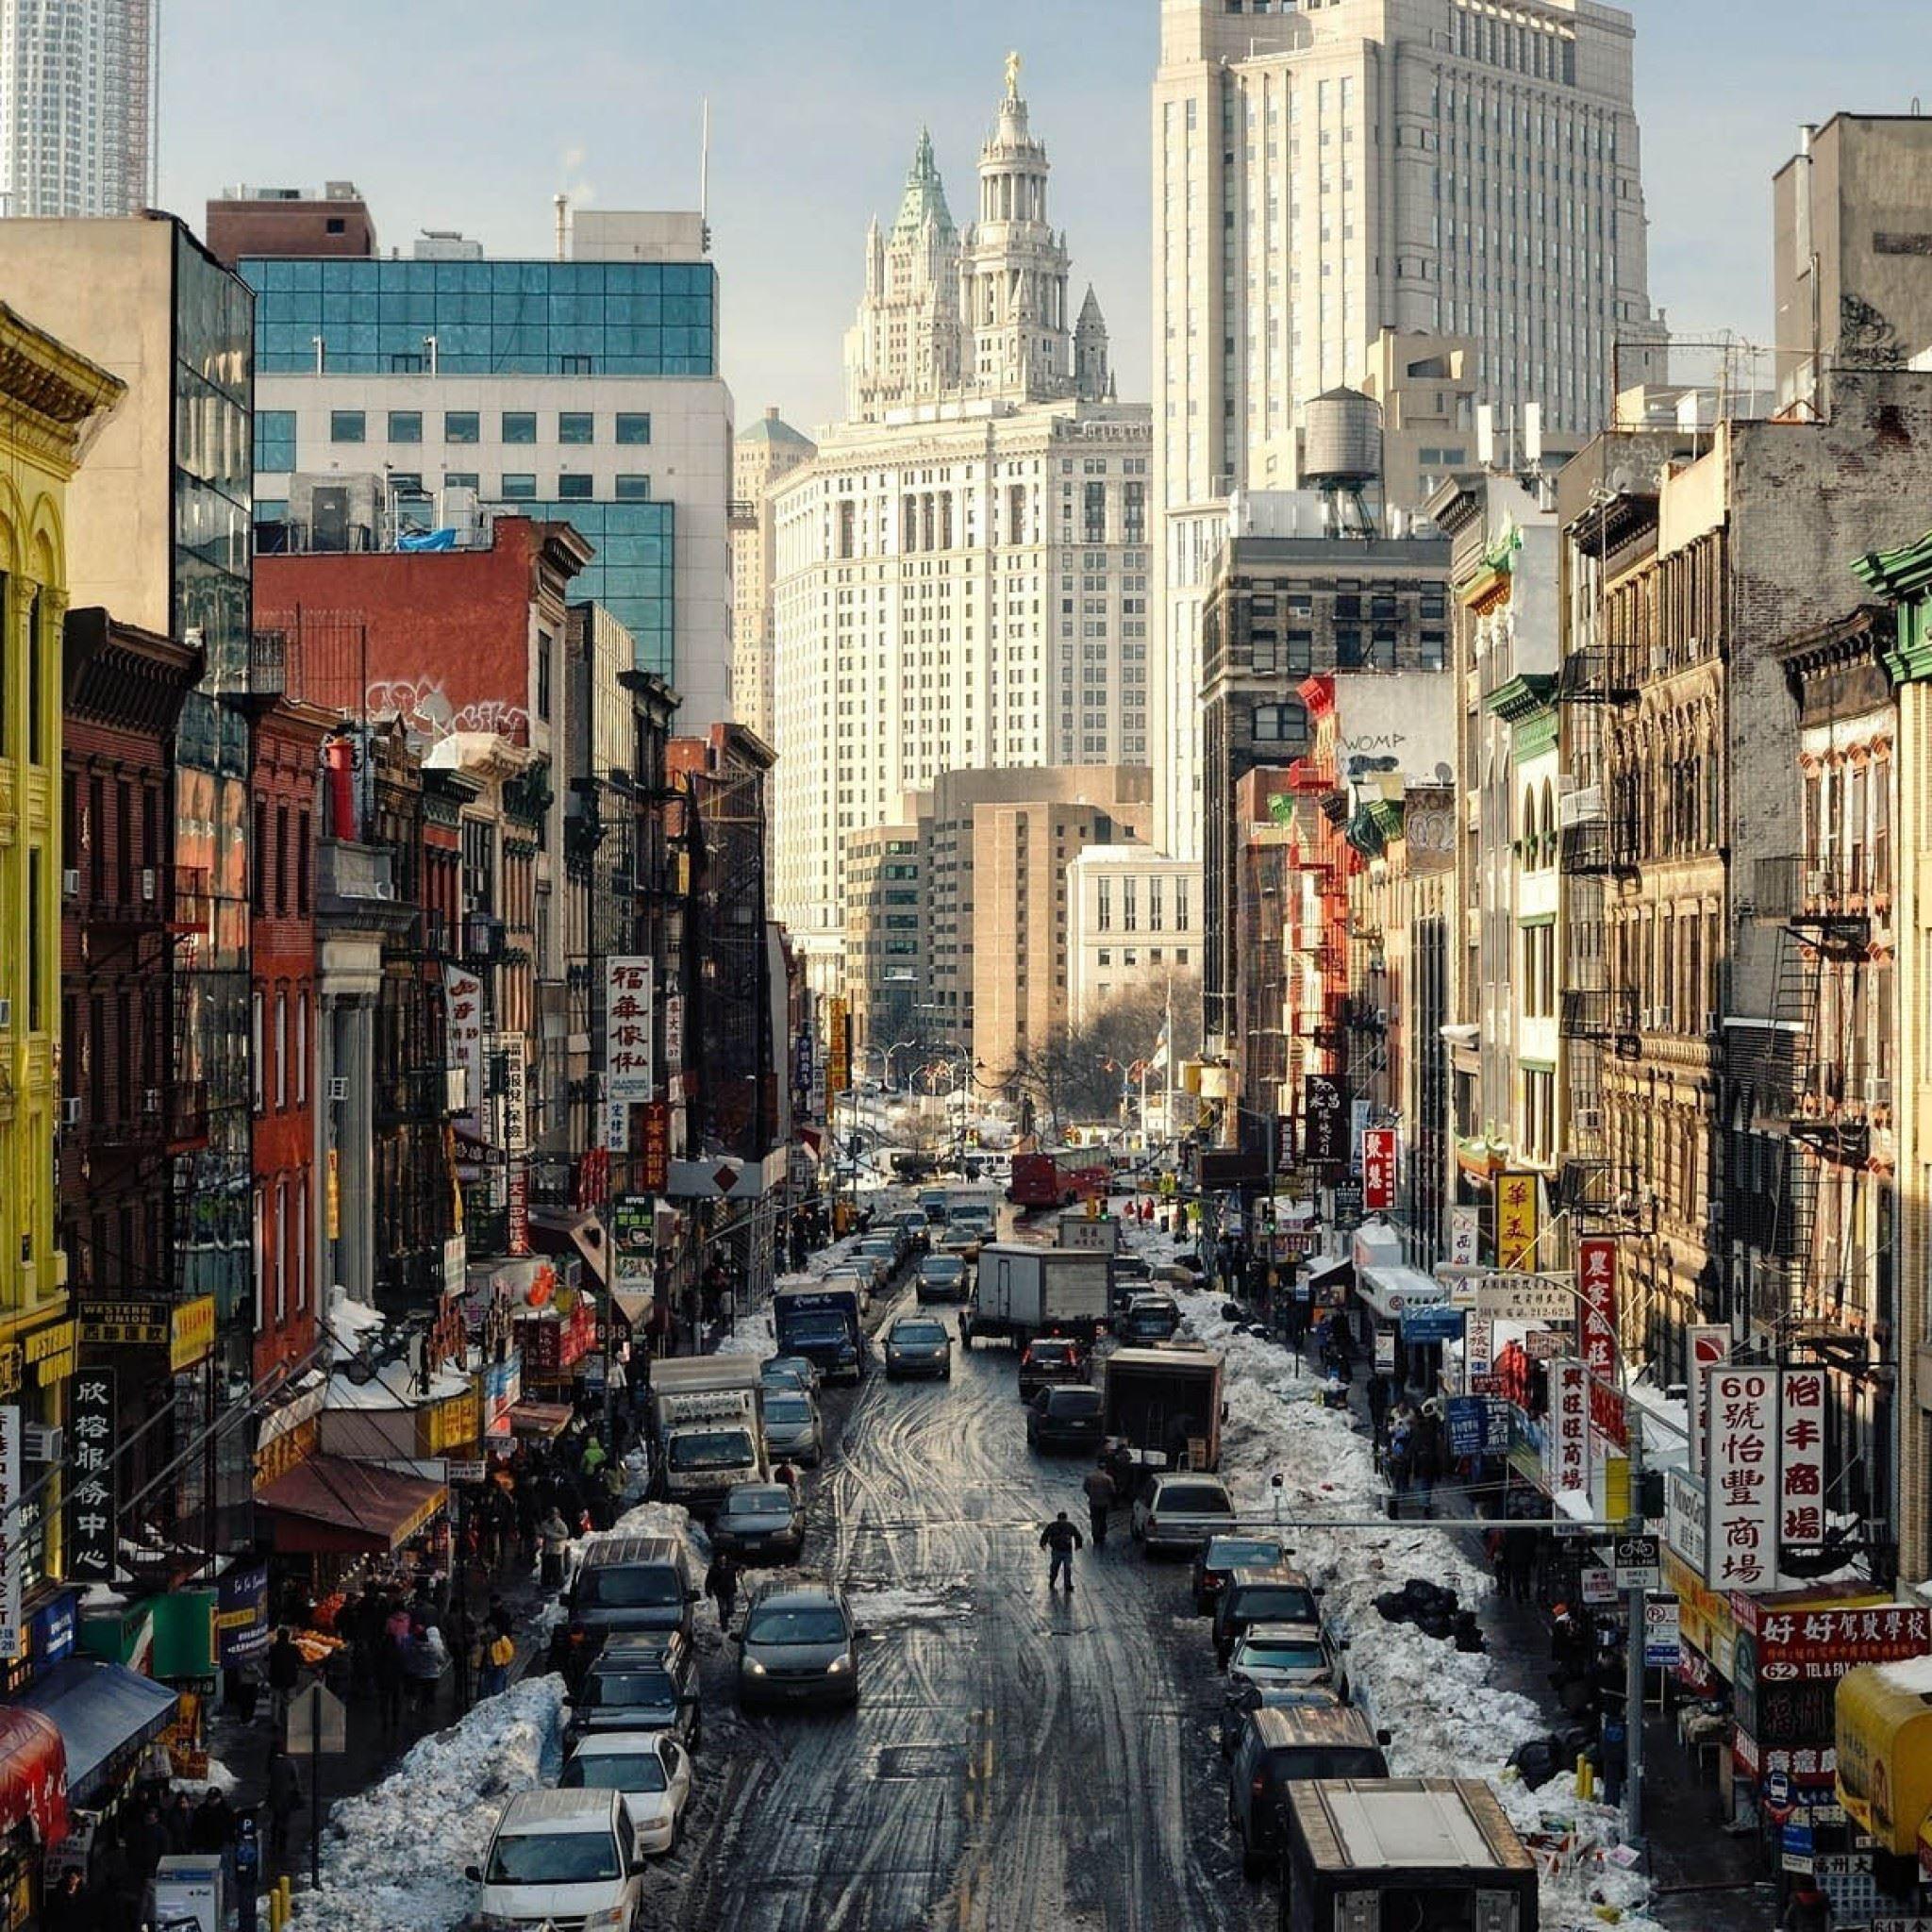 New York Street NY USA IPad Air Wallpaper Download